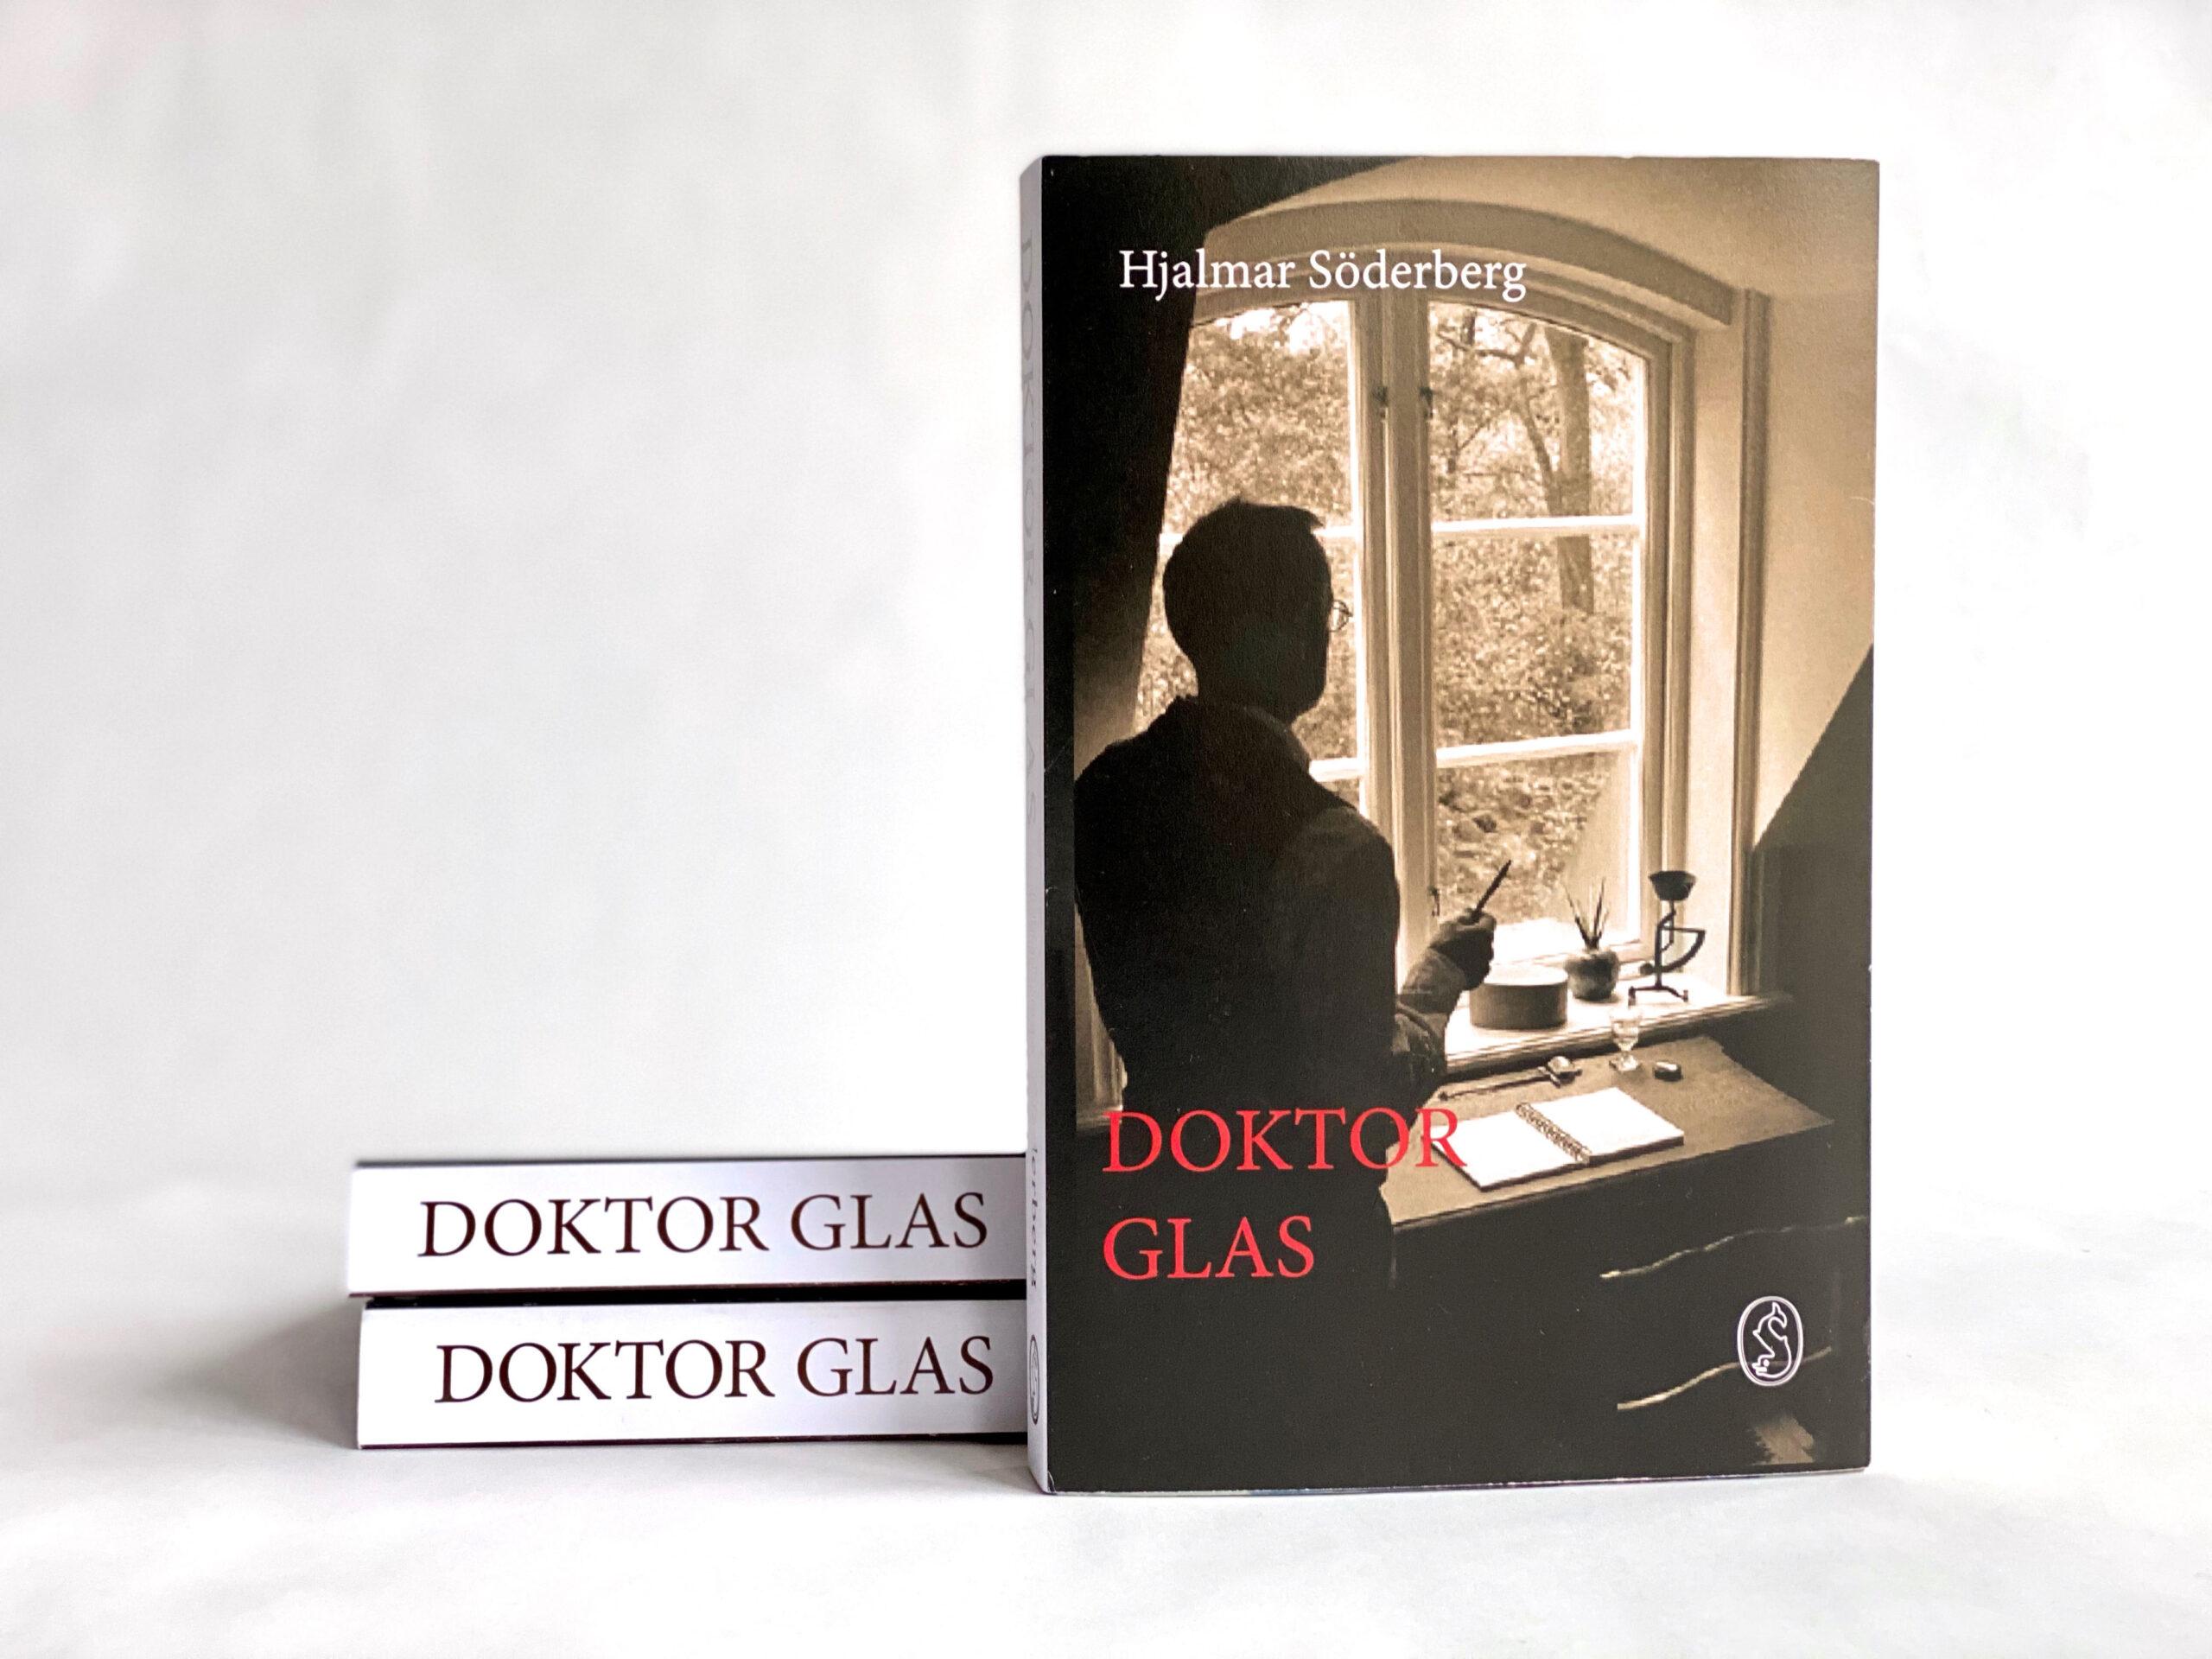 Bokomslag till Doktor Glas.